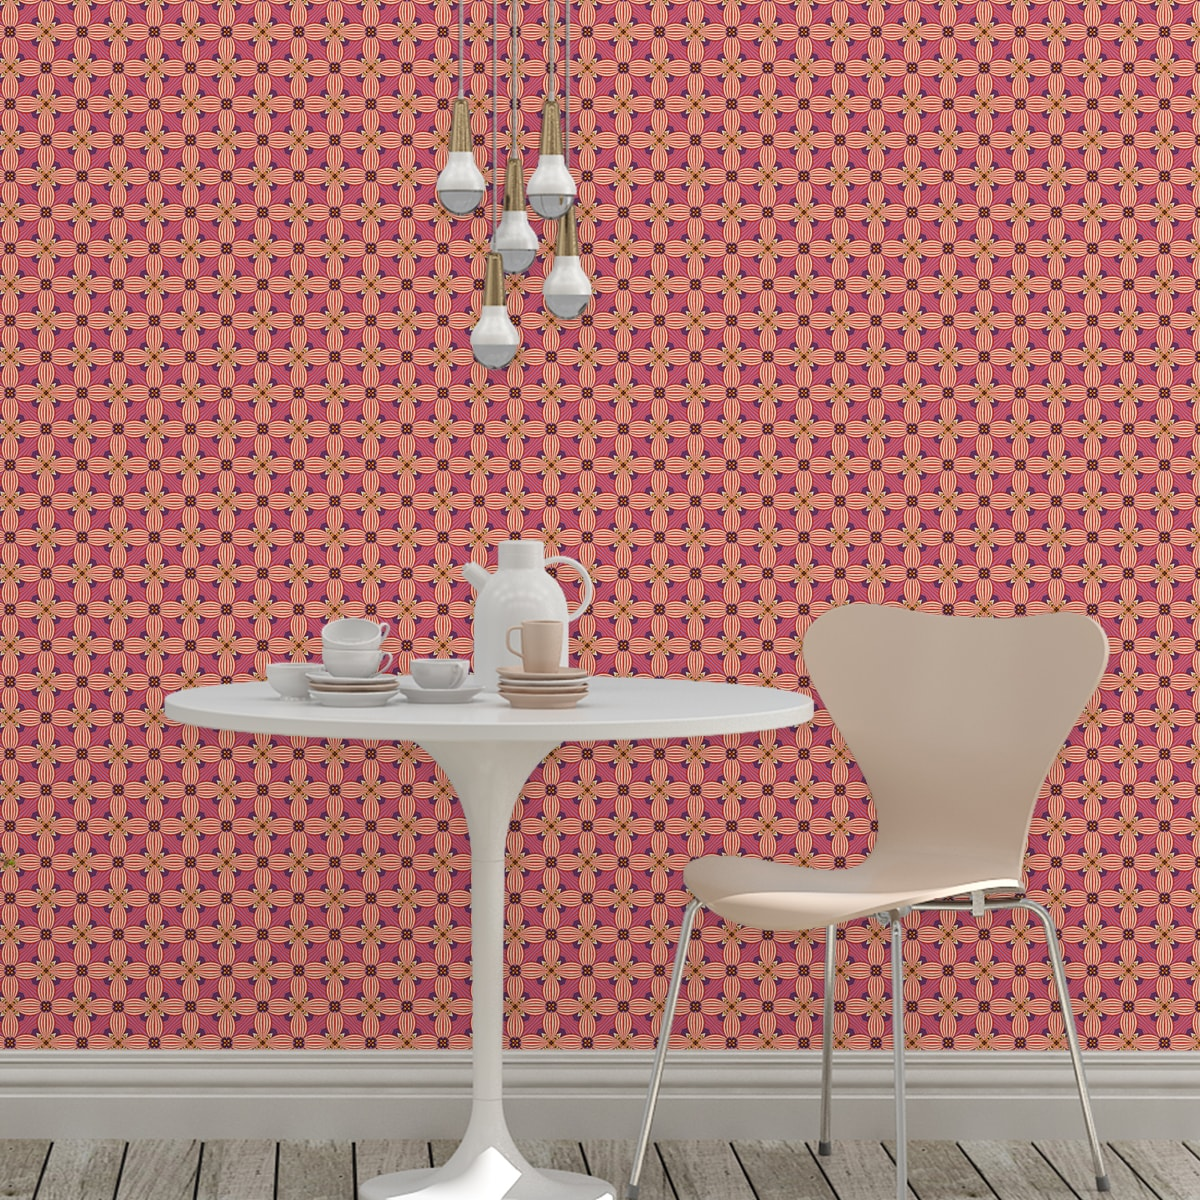 Ornamenttapete Art Deko Lilly Retro Muster in lila - Design Tapete für Wohnzimmer 2